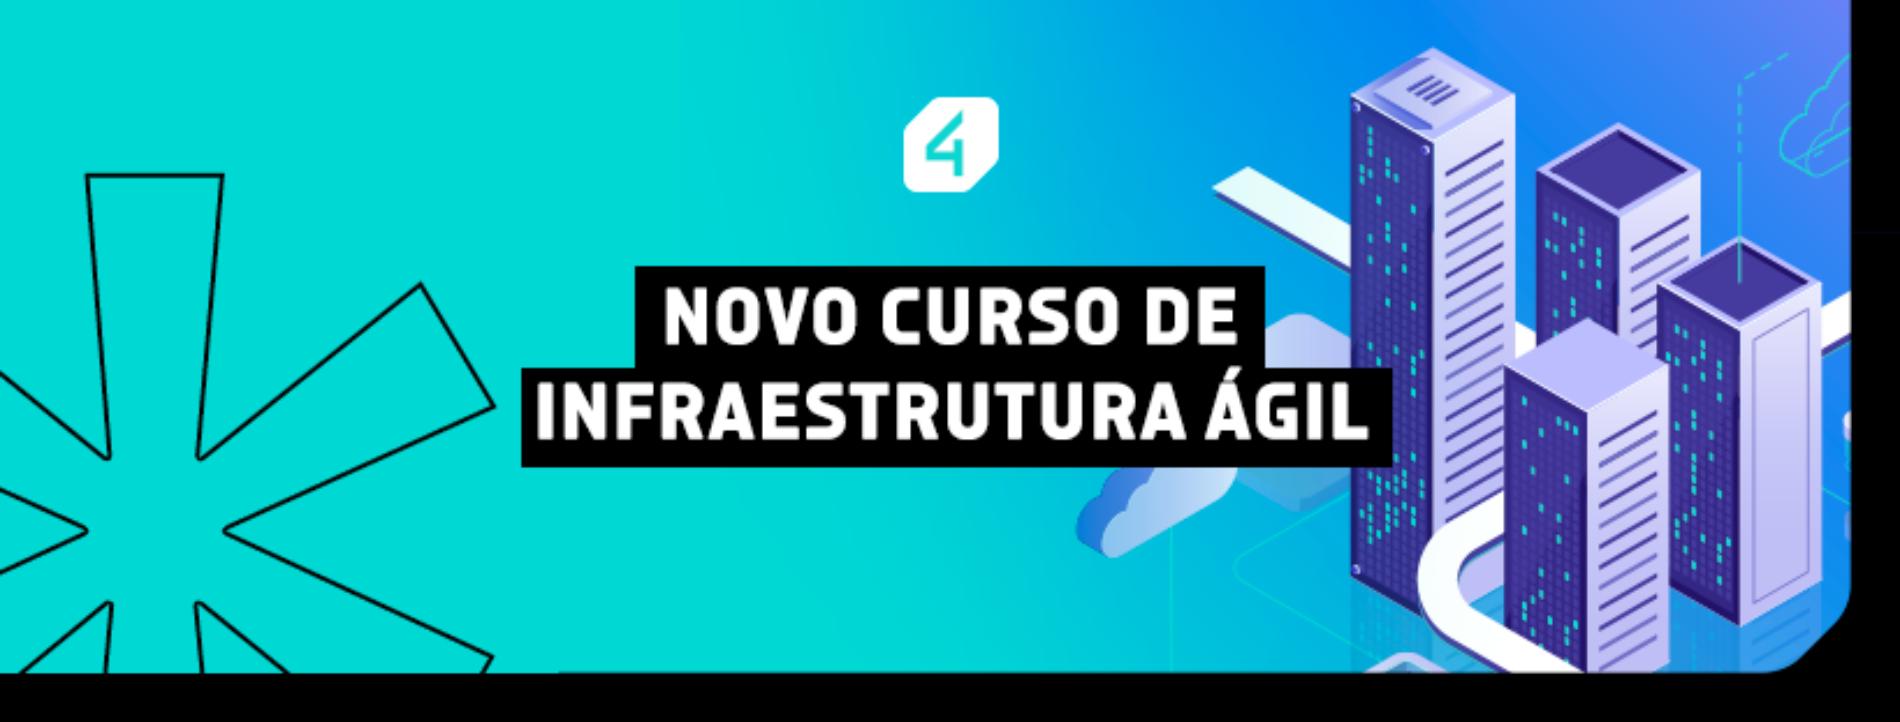 Novo curso de Infraestrutura Ágil